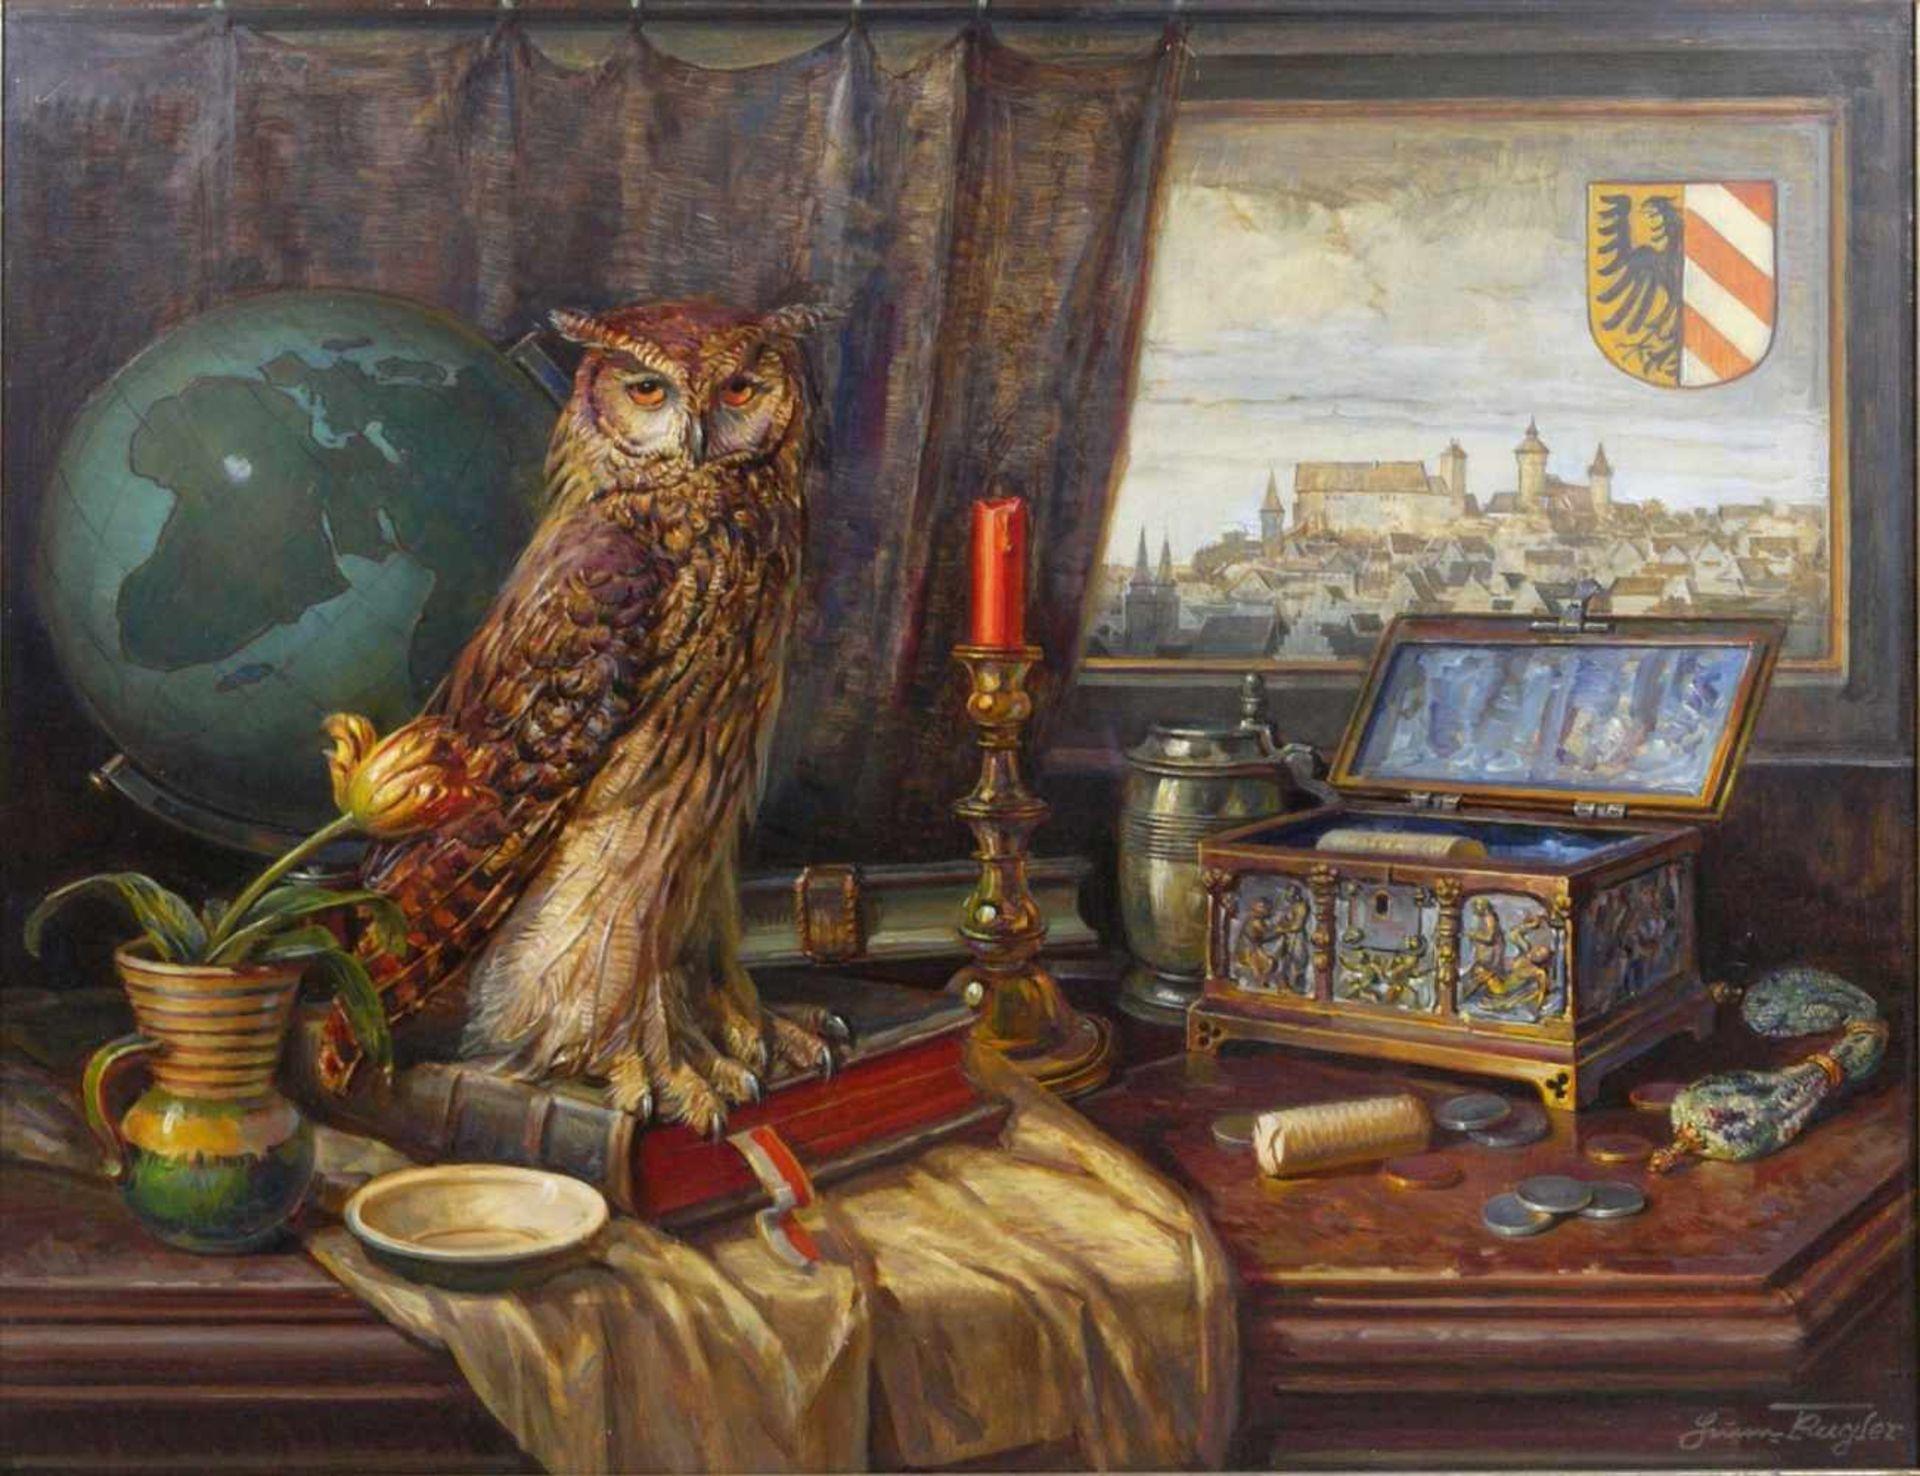 Kugler, Heinrich (1888- ca. 1946) - Symbolträchtiges Stillleben NürnbergGroßformatiges Gemälde in Öl - Bild 2 aus 8